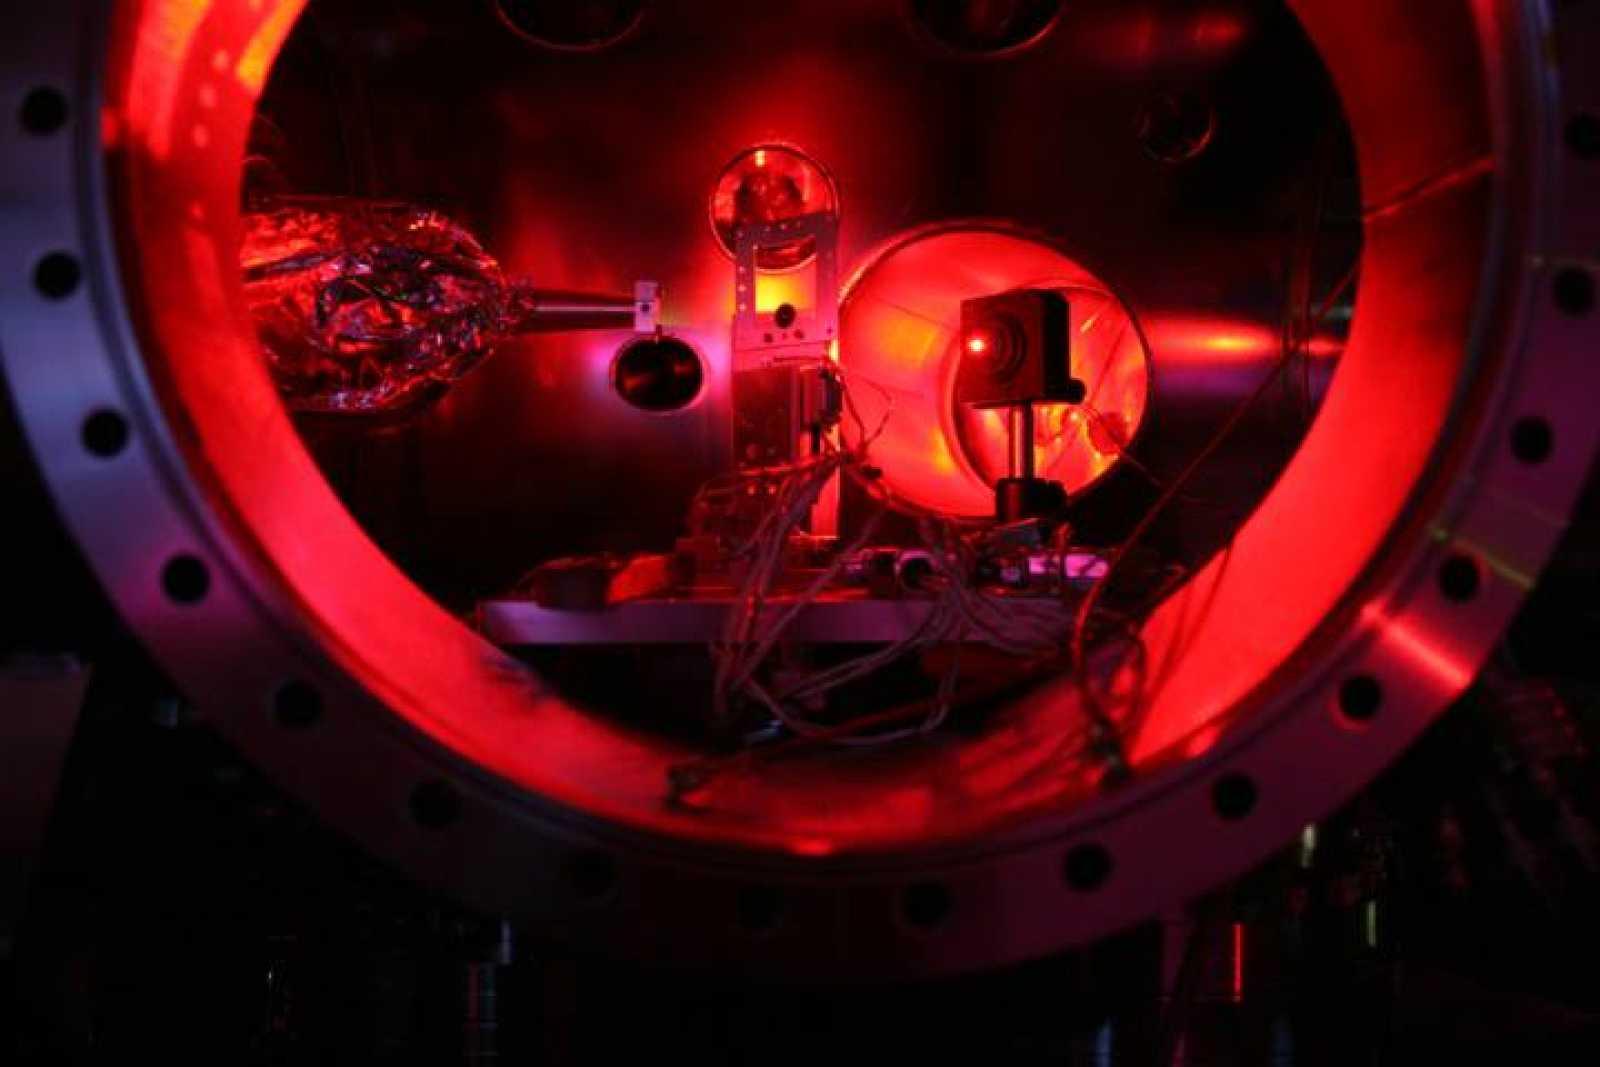 El interior del Linac Coherent Light Source, donde se han logrado calentar una lámina de metal a 2 millones de grados.